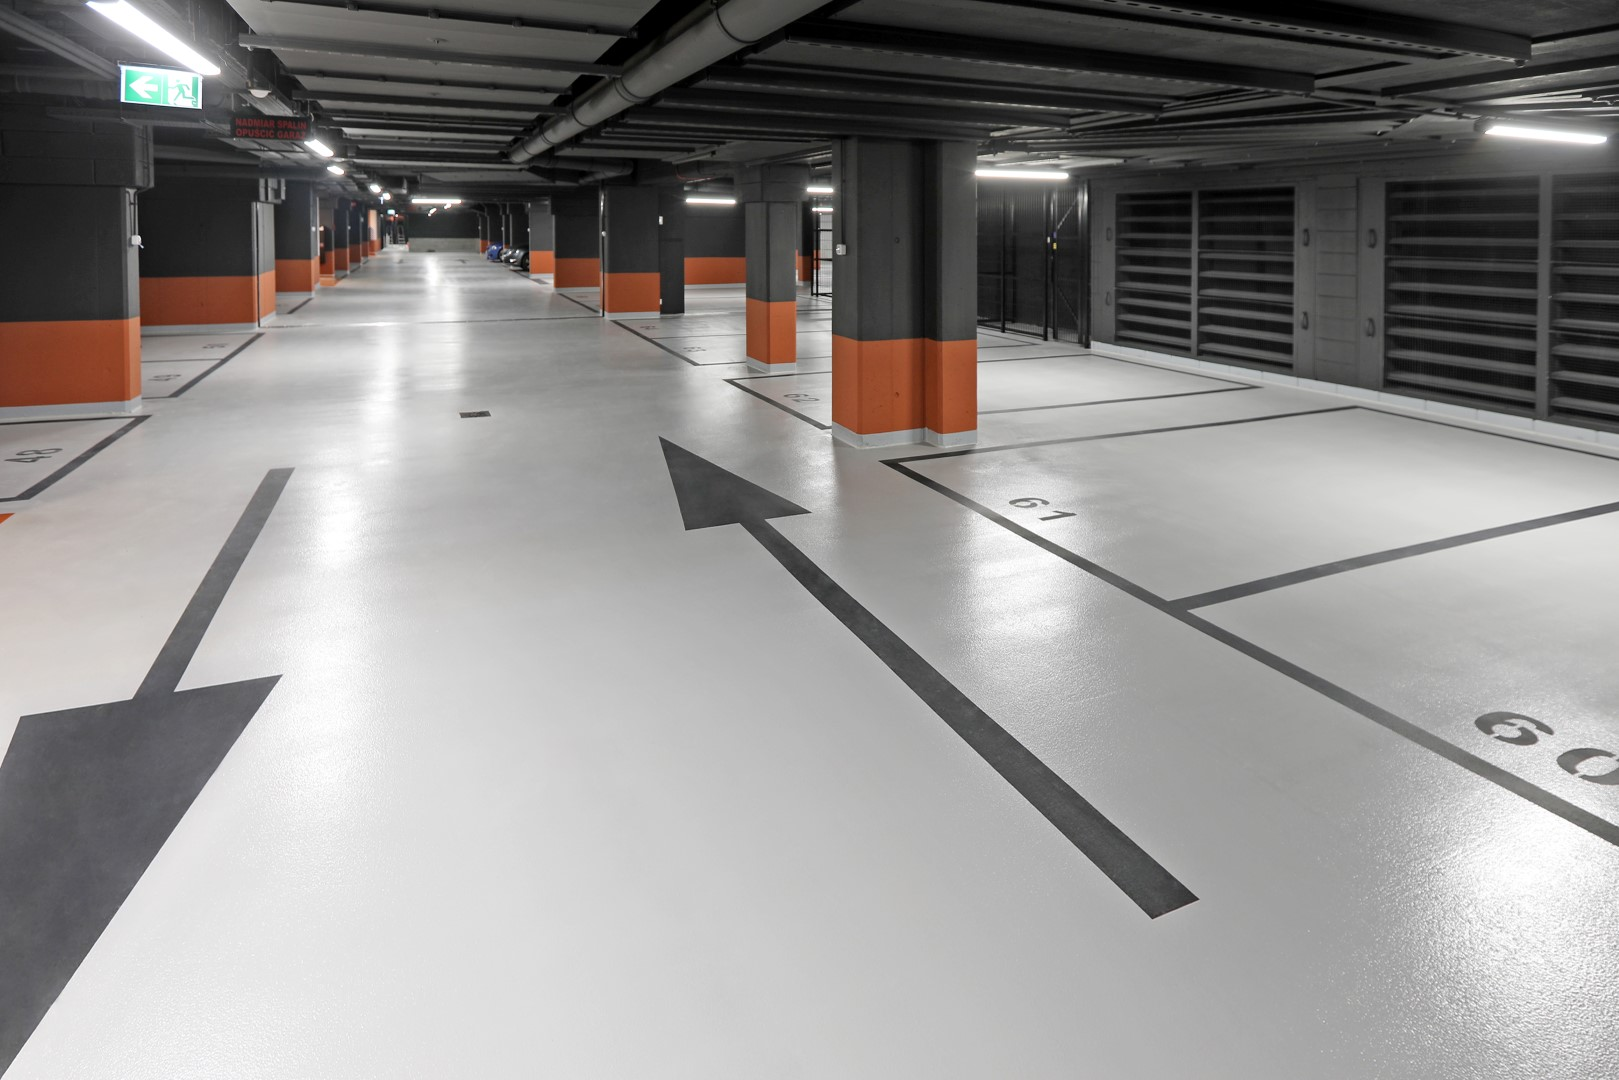 Posadzki żywiczne Deckshield na parkingu Apartamentów przy Warzelni w Browarach Warszawskich